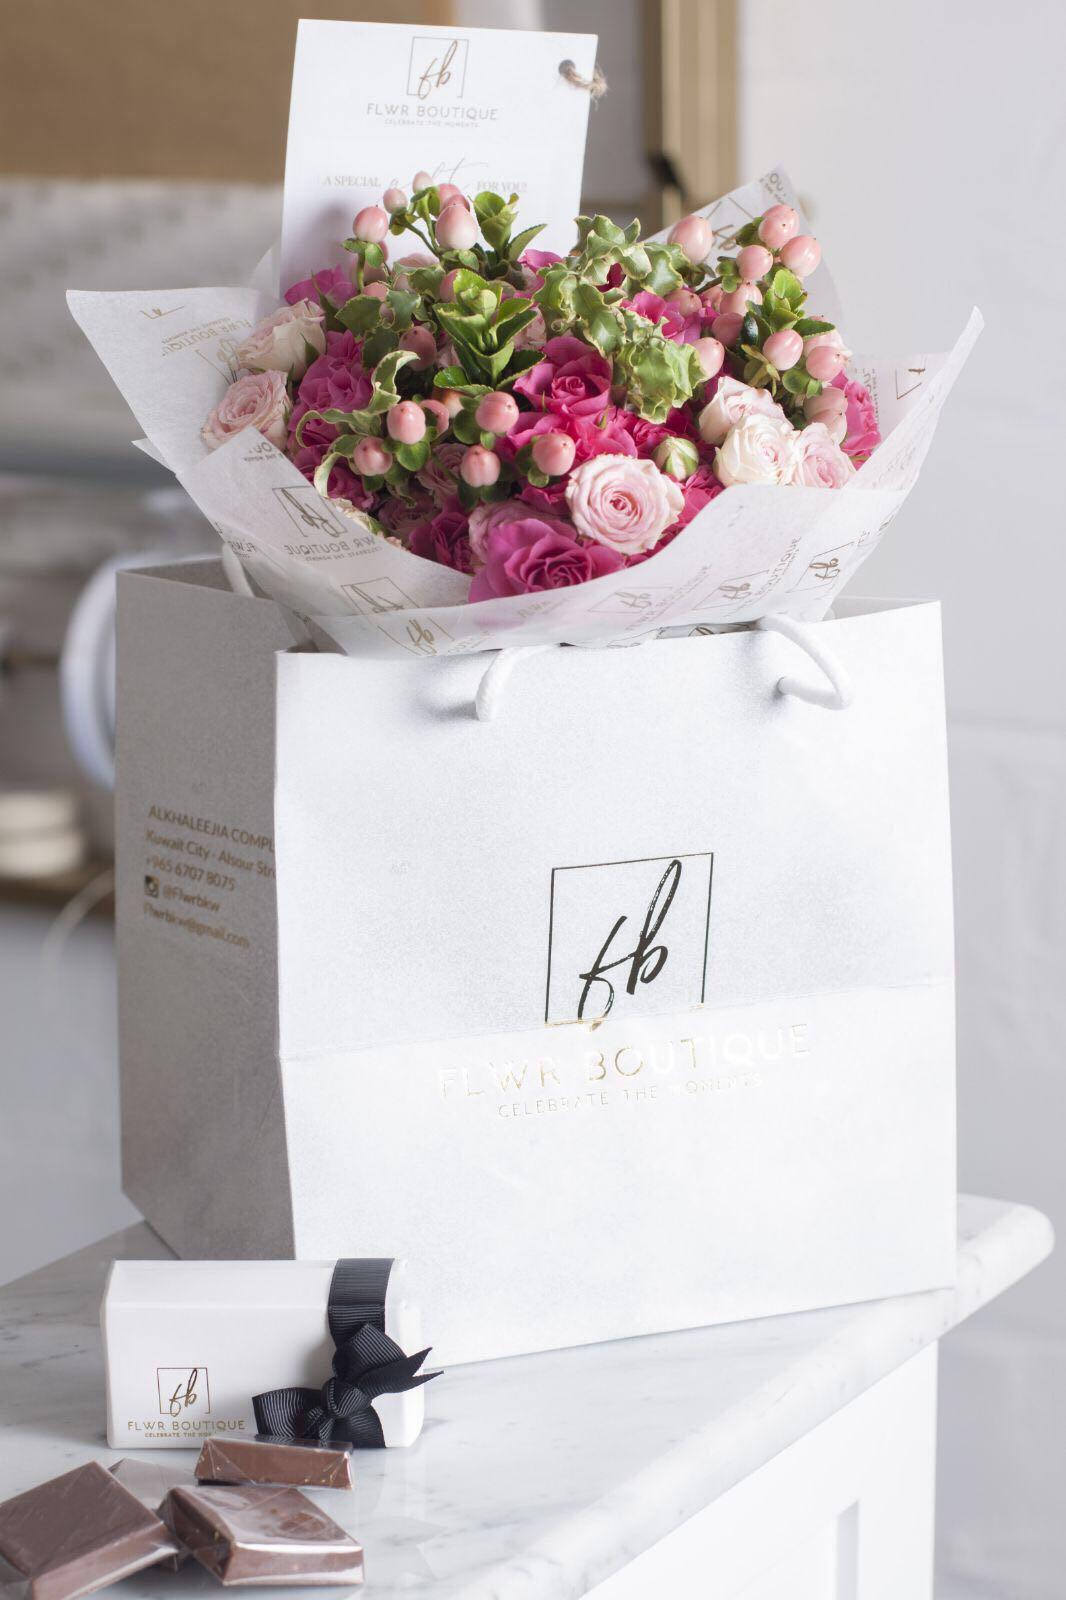 روز بلش باقة زهور